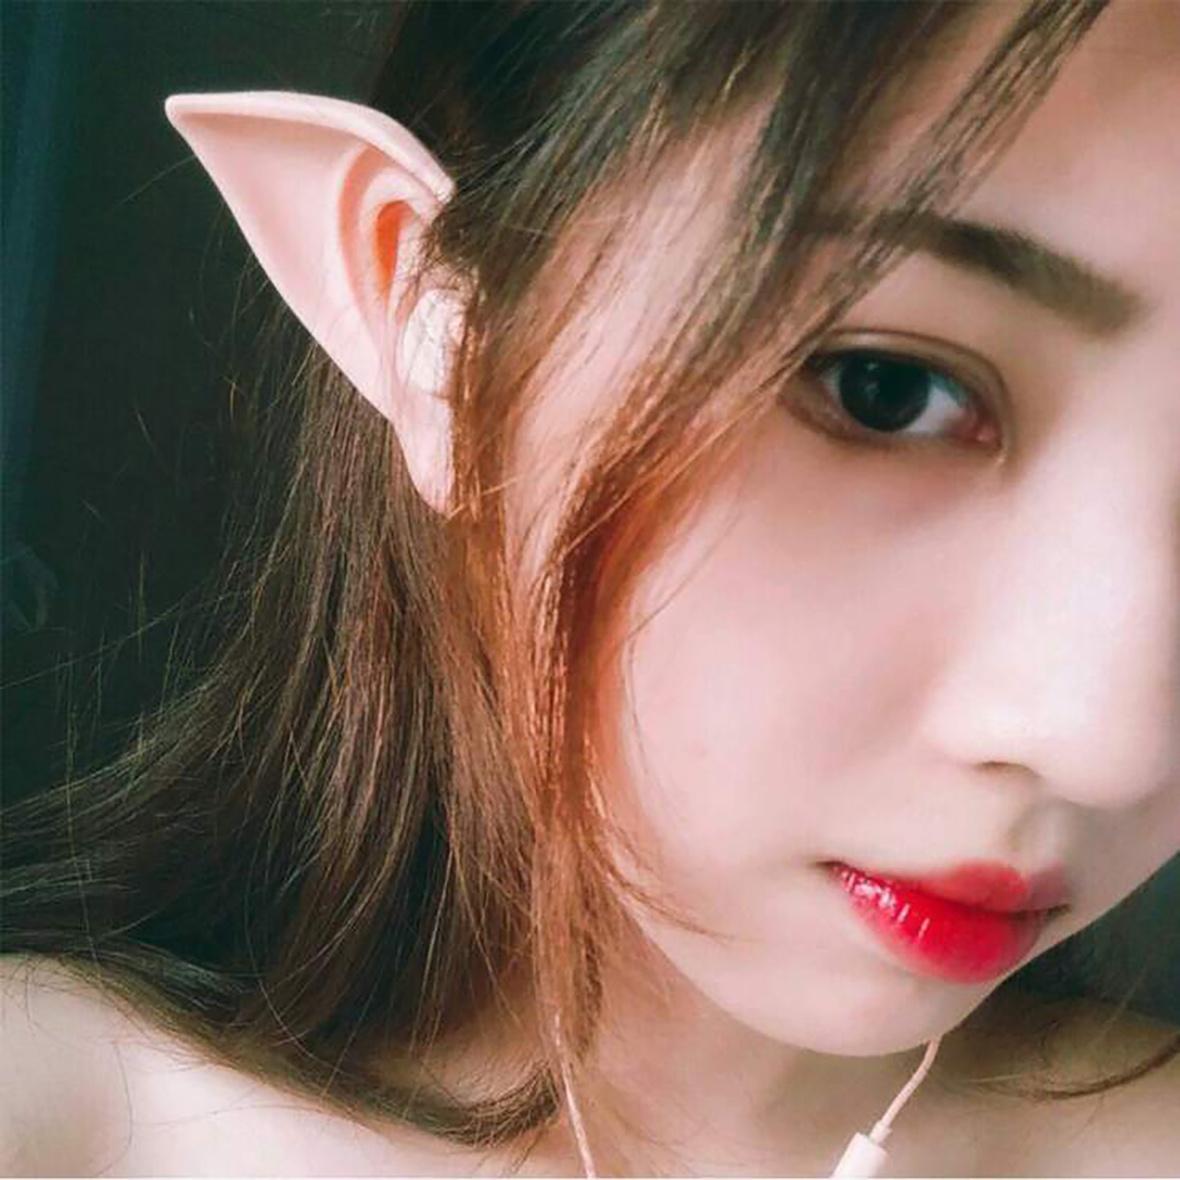 fairy-ear-shaped-earphones1